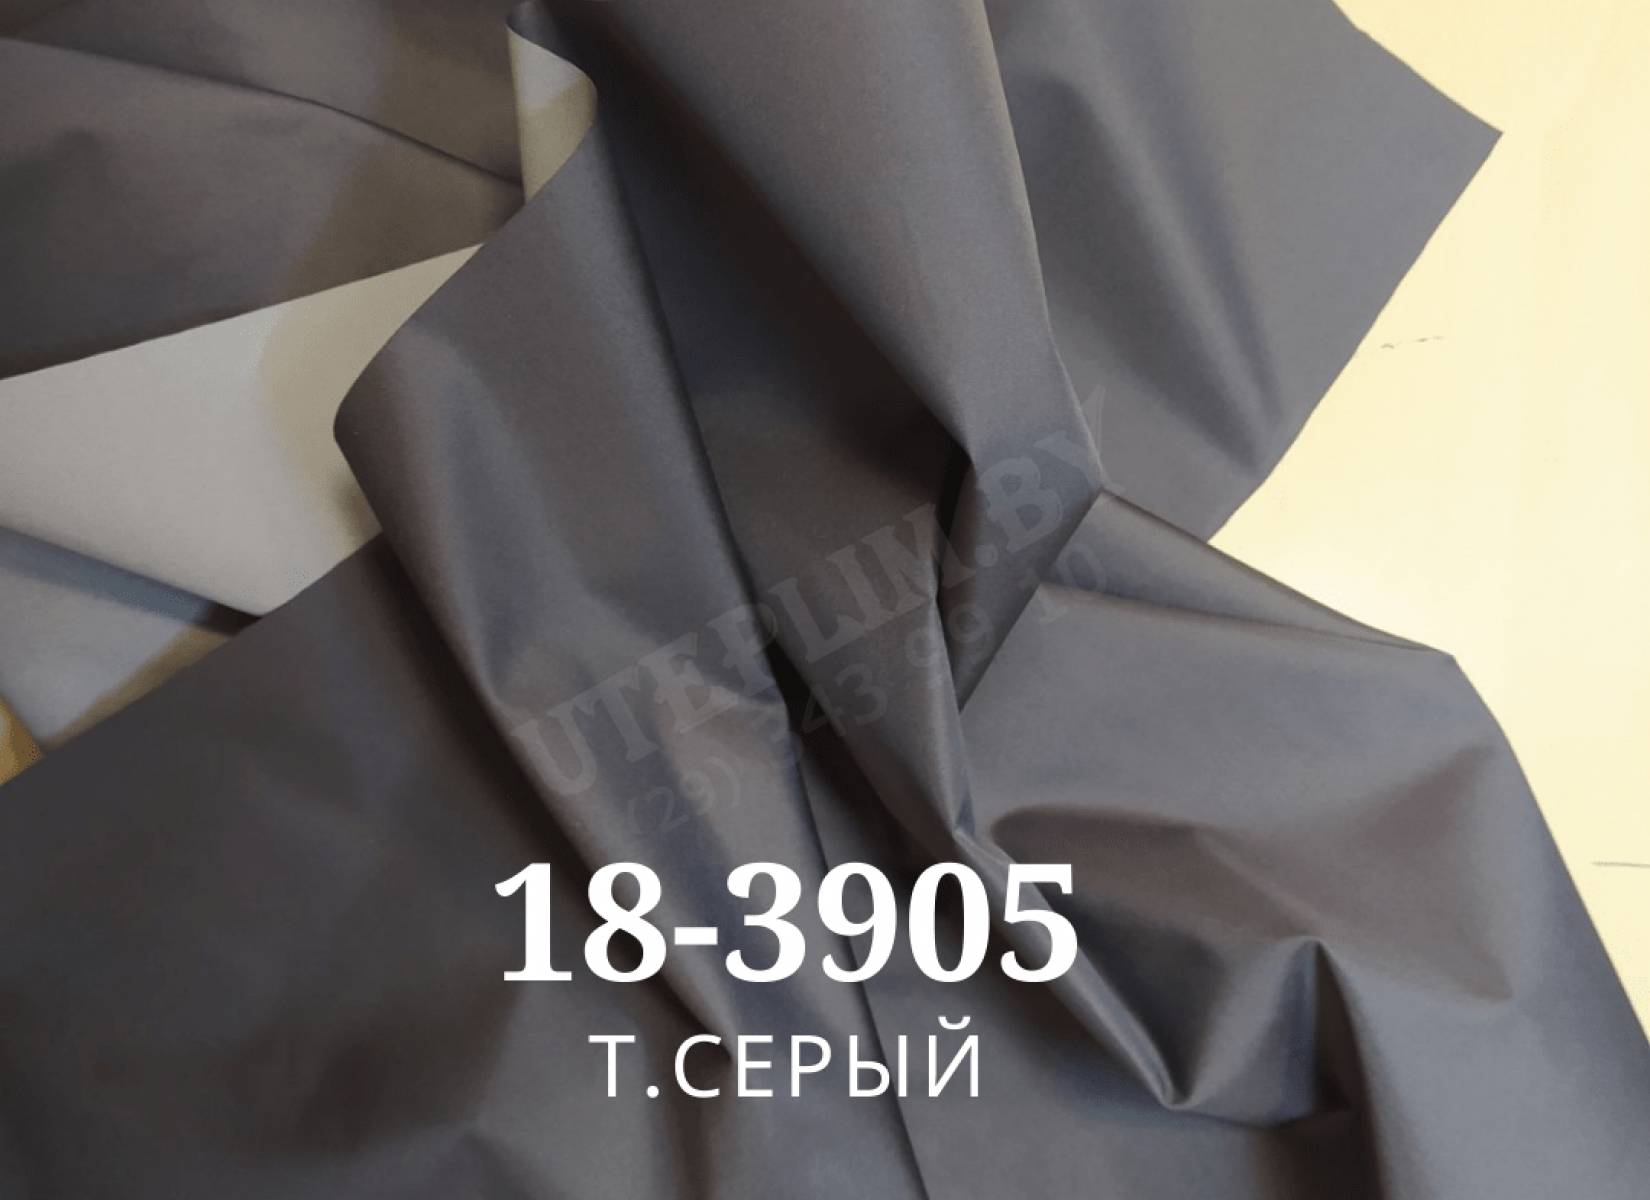 Дюспо - т.серый с шоколадным оттенком